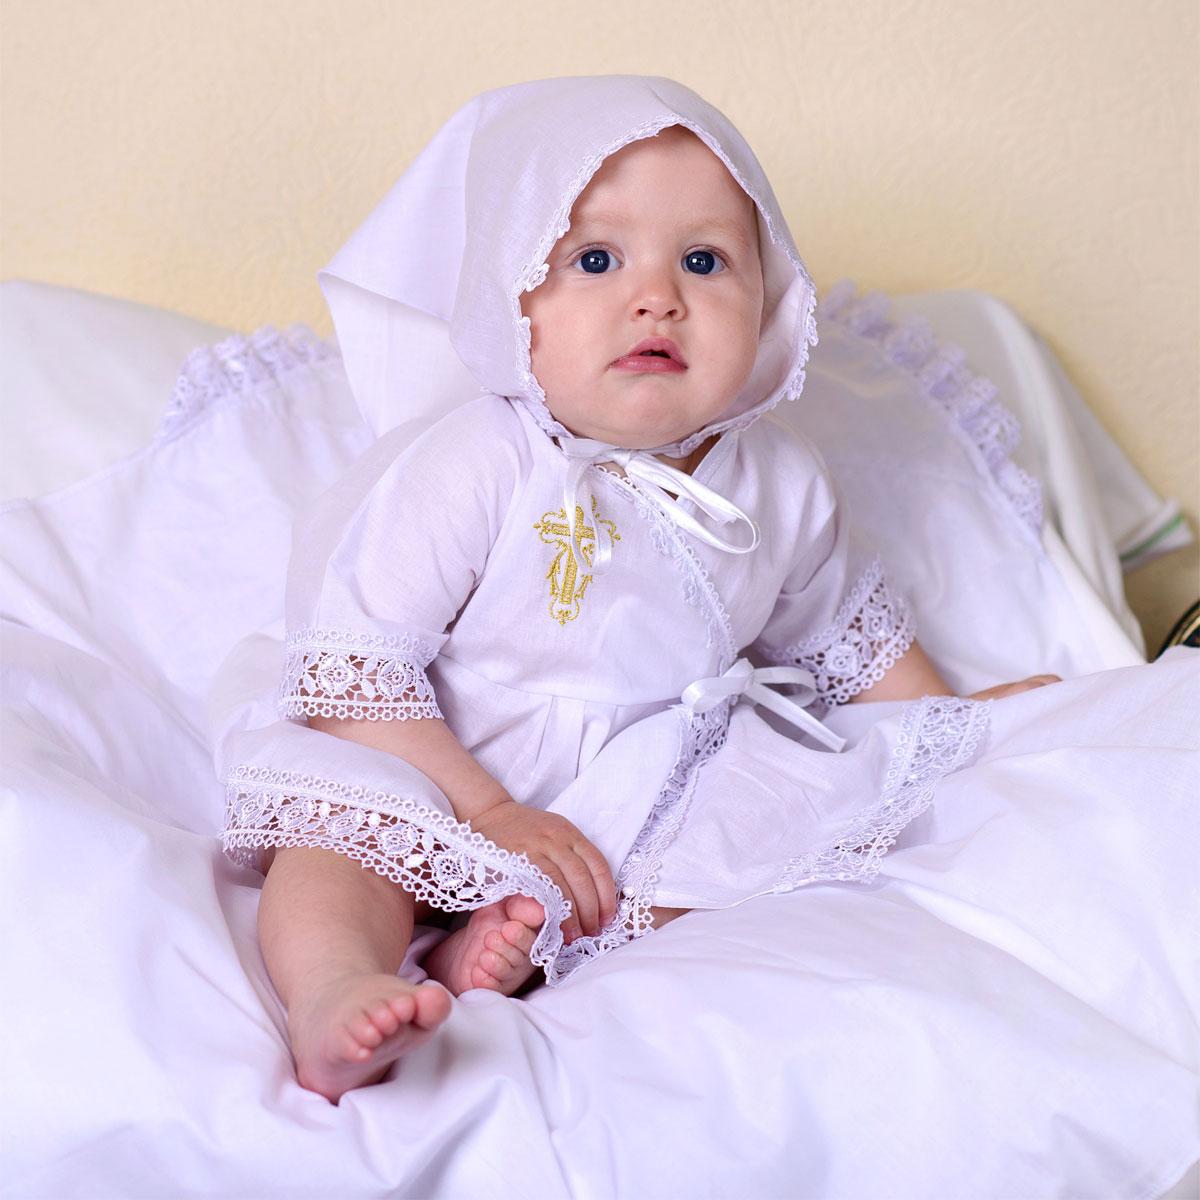 Купить 1309, Крестильный набор для девочки Папитто, вышивка золото, размер 22, рост 68-74 см,